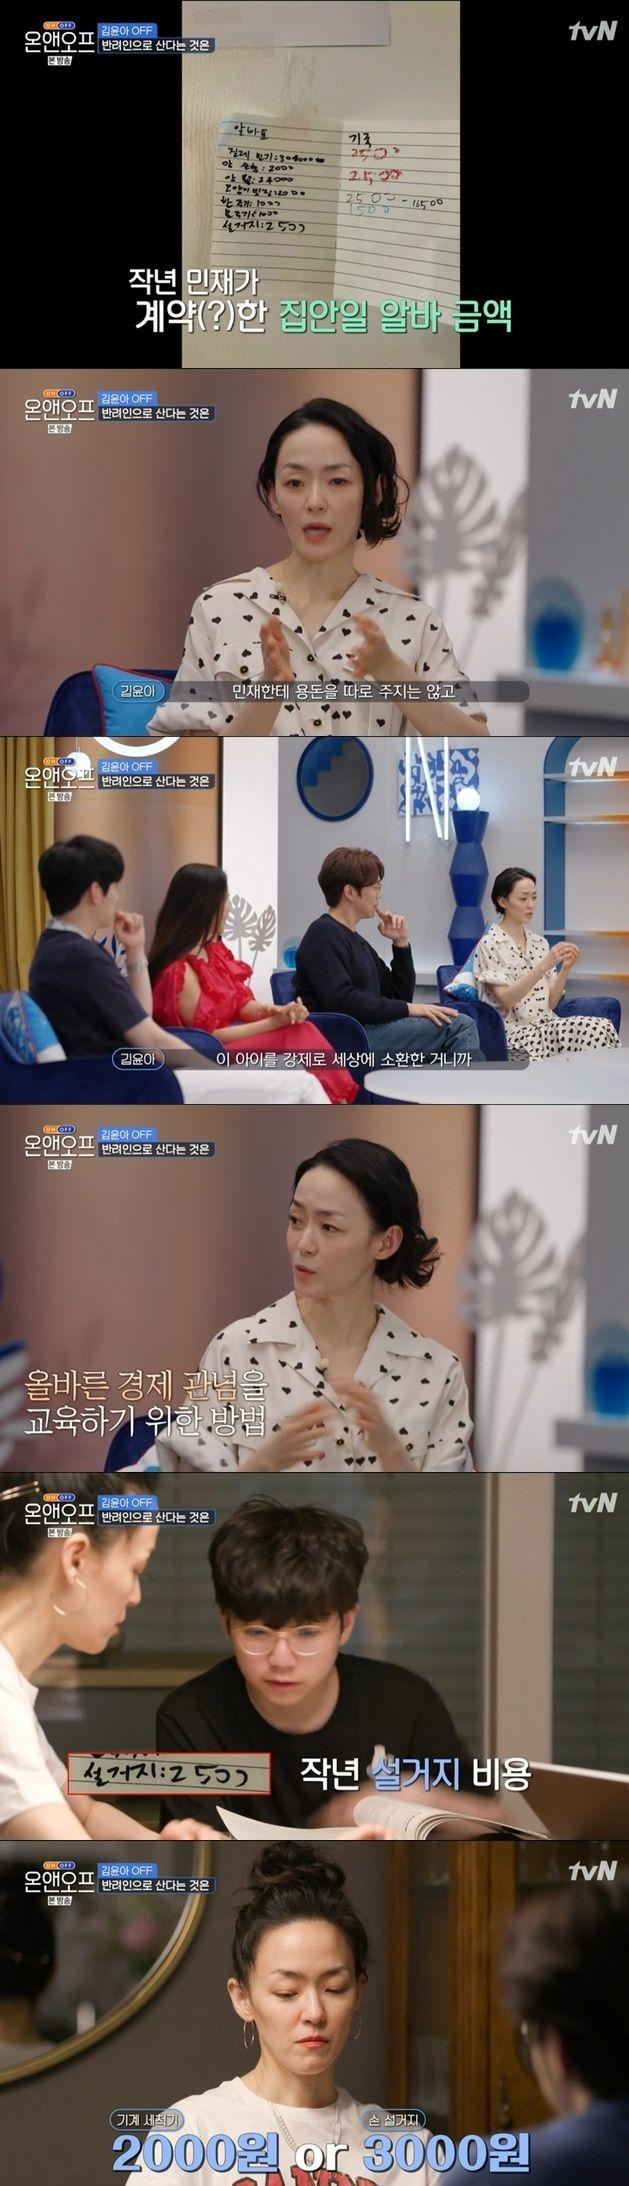 자우림 김윤아 부부와 아들